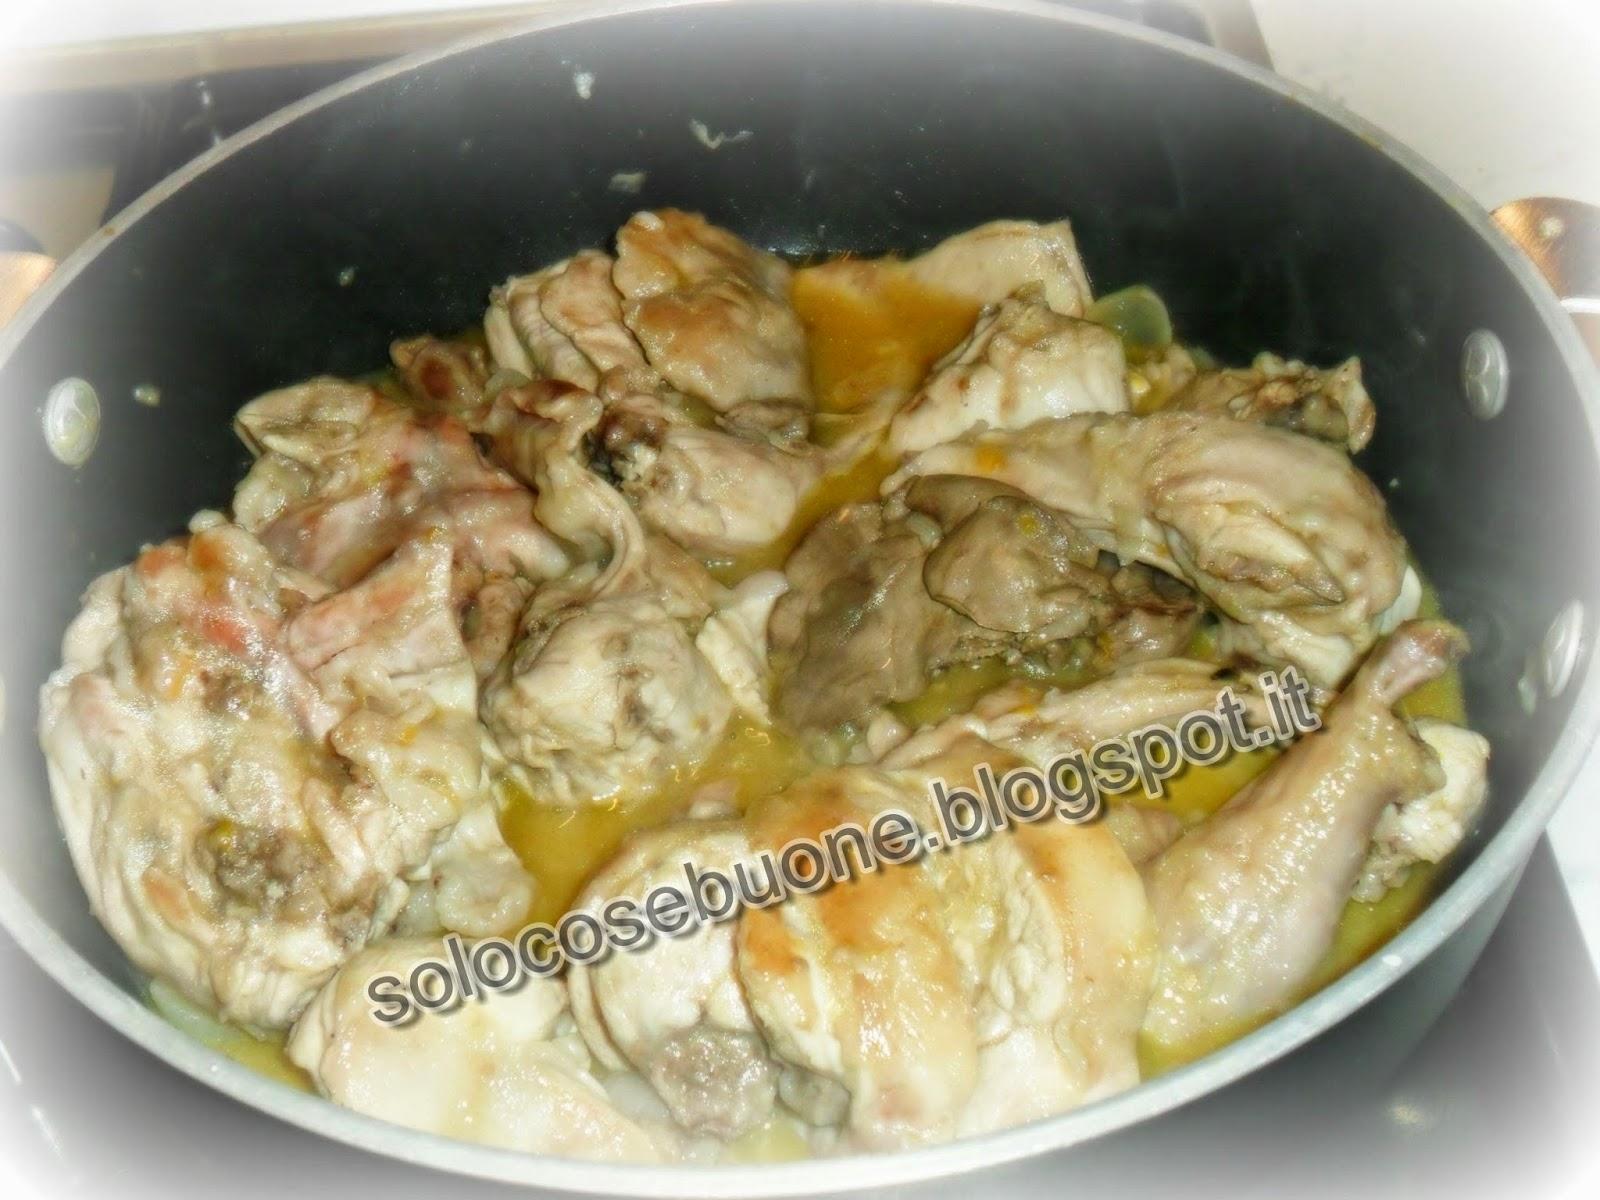 coniglio in padella con  succo d'arancia e condimento  balsamico bianco